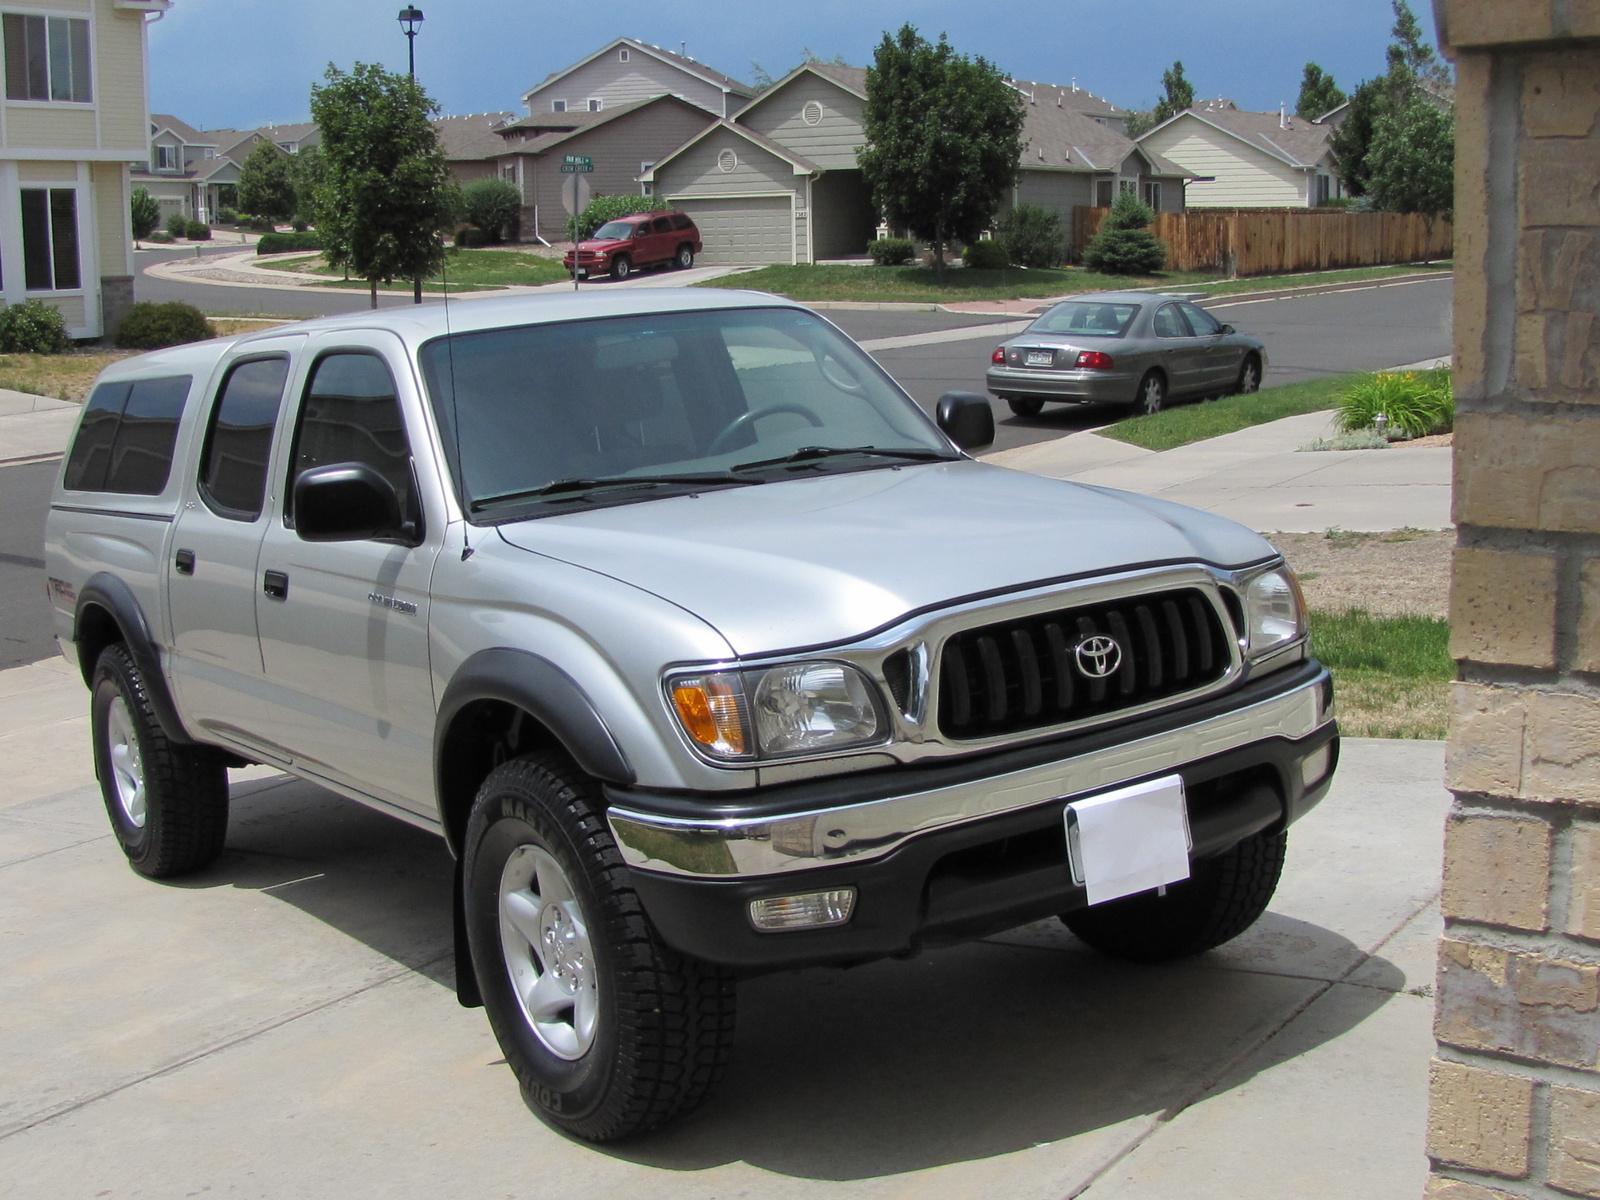 2004 Toyota Tacoma Exterior Pictures Cargurus